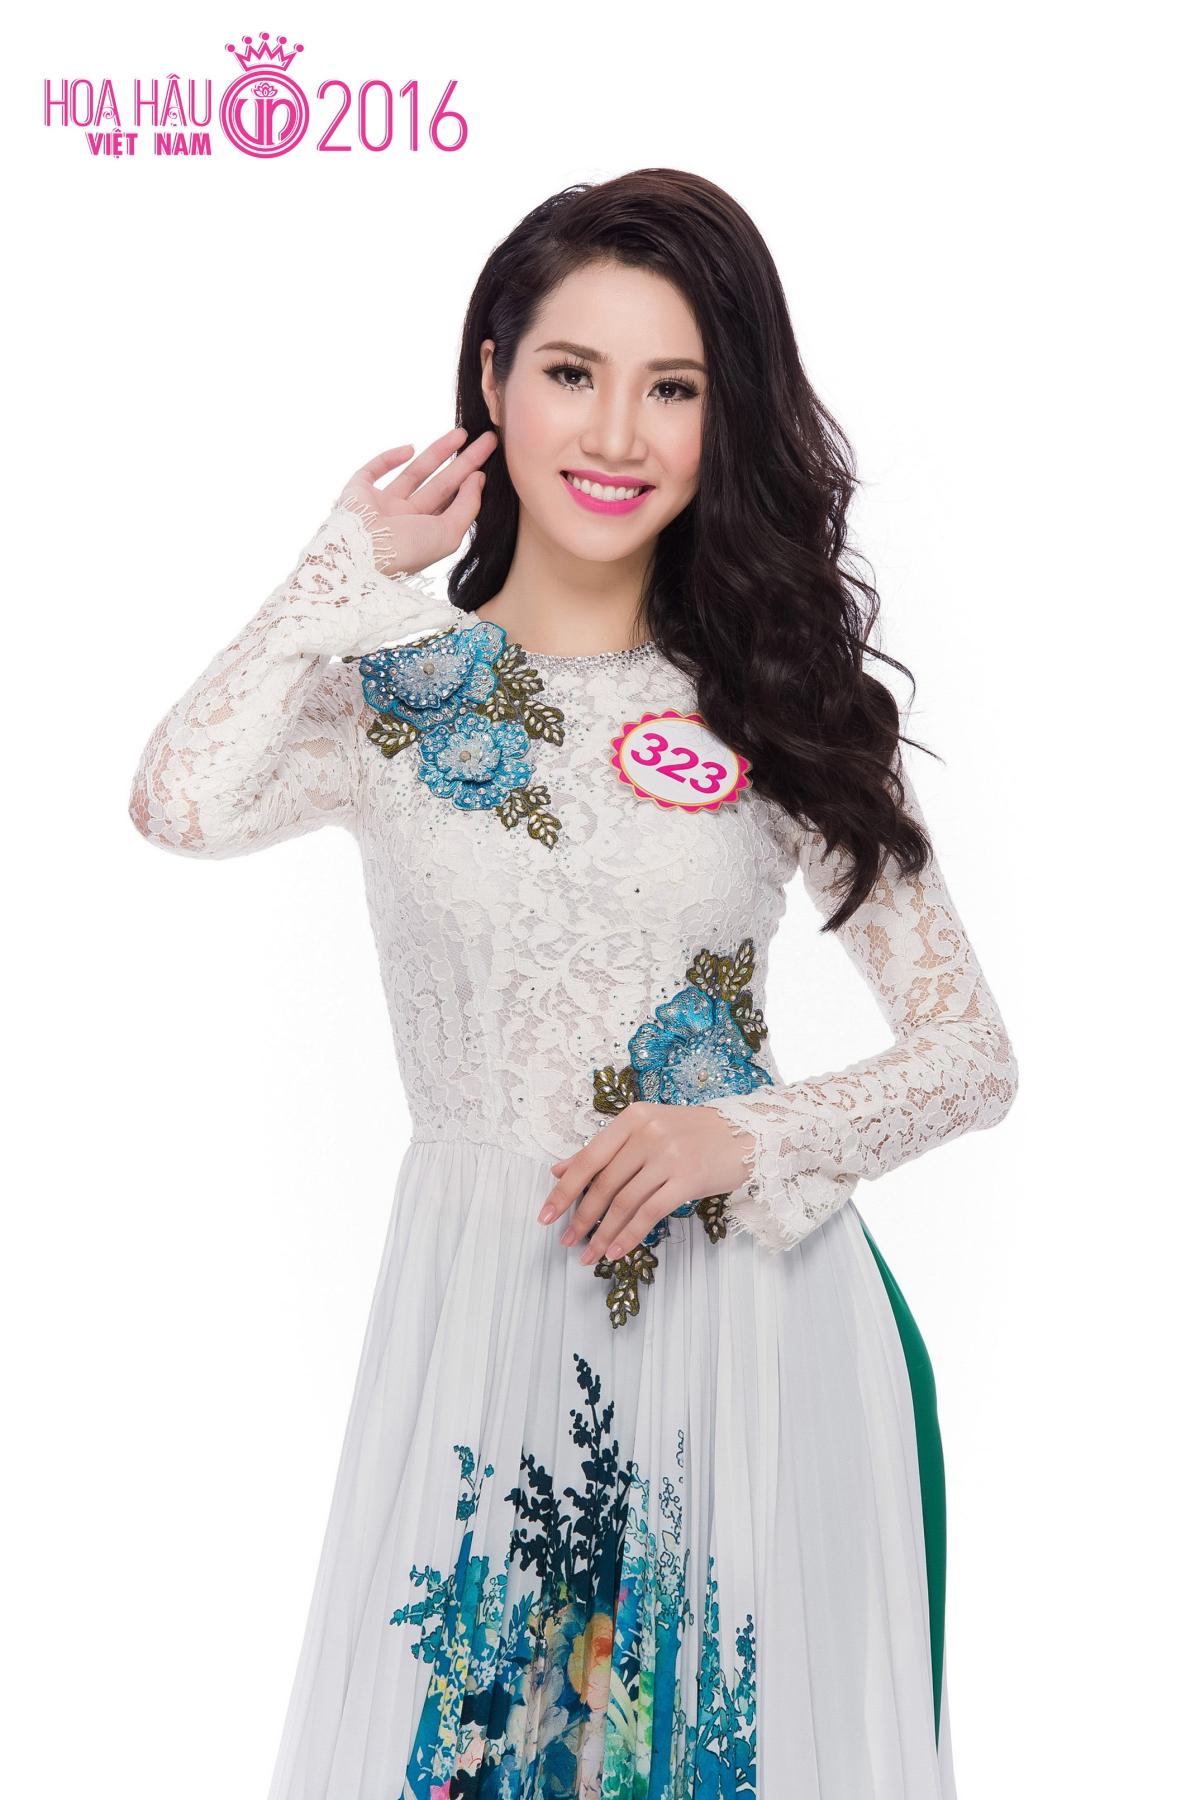 323 - Nguyen Thi Ngoc Van 2